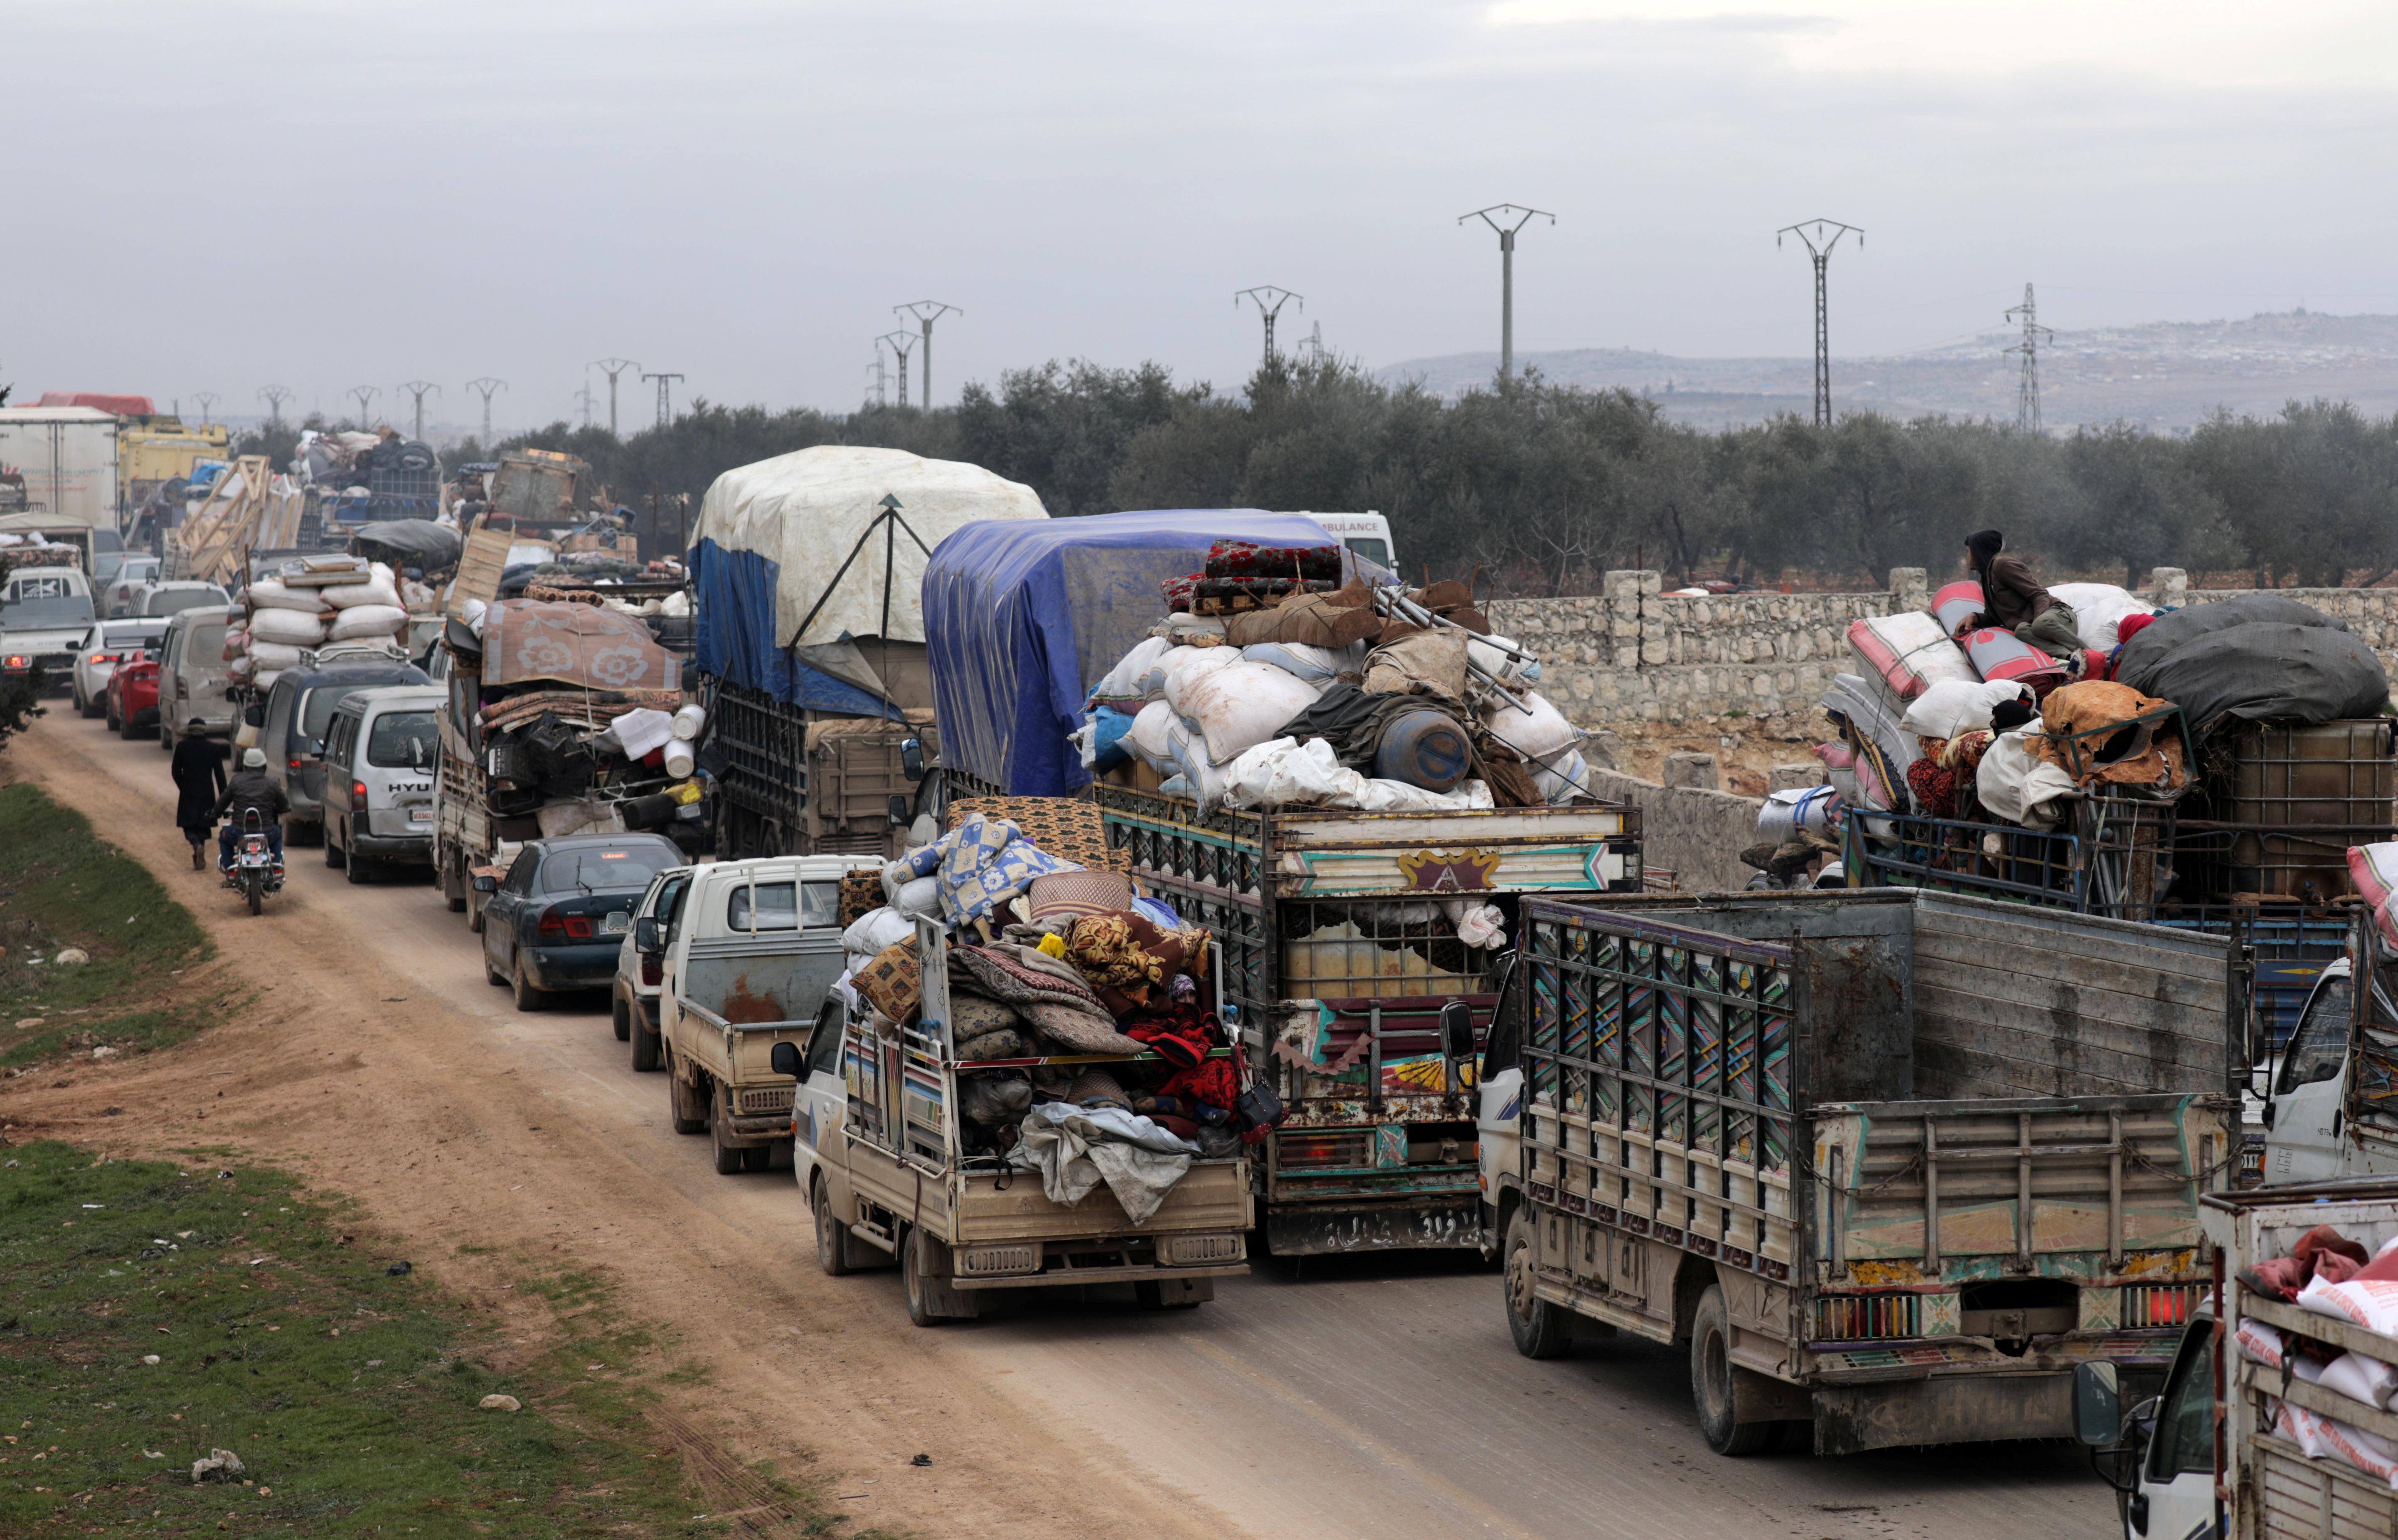 La mayoría de los desplazados ha cargado consigo la mayor parte de sus pertenencias, sabiendo que abandonan una zona que probablemente quede en ruinas